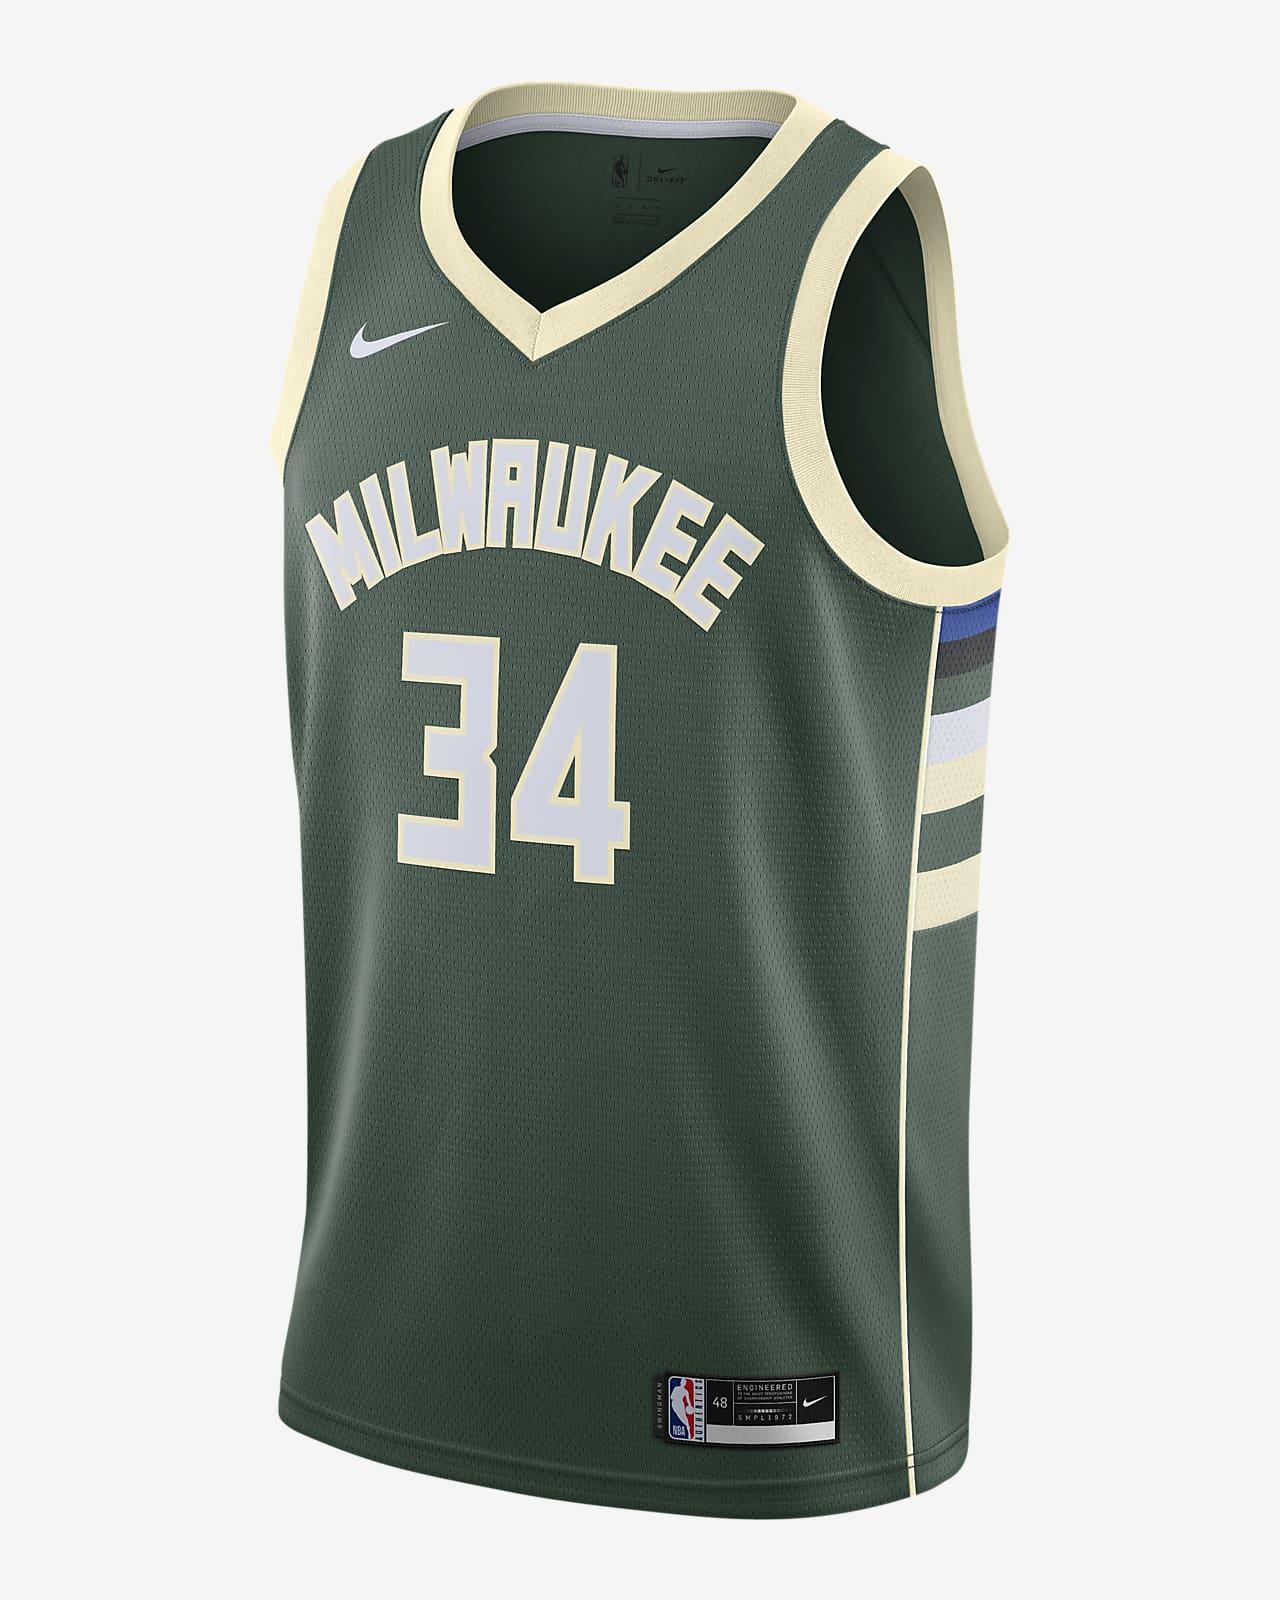 Джерси Nike НБА Swingman Giannis Antetokounmpo Bucks Icon Edition 2020